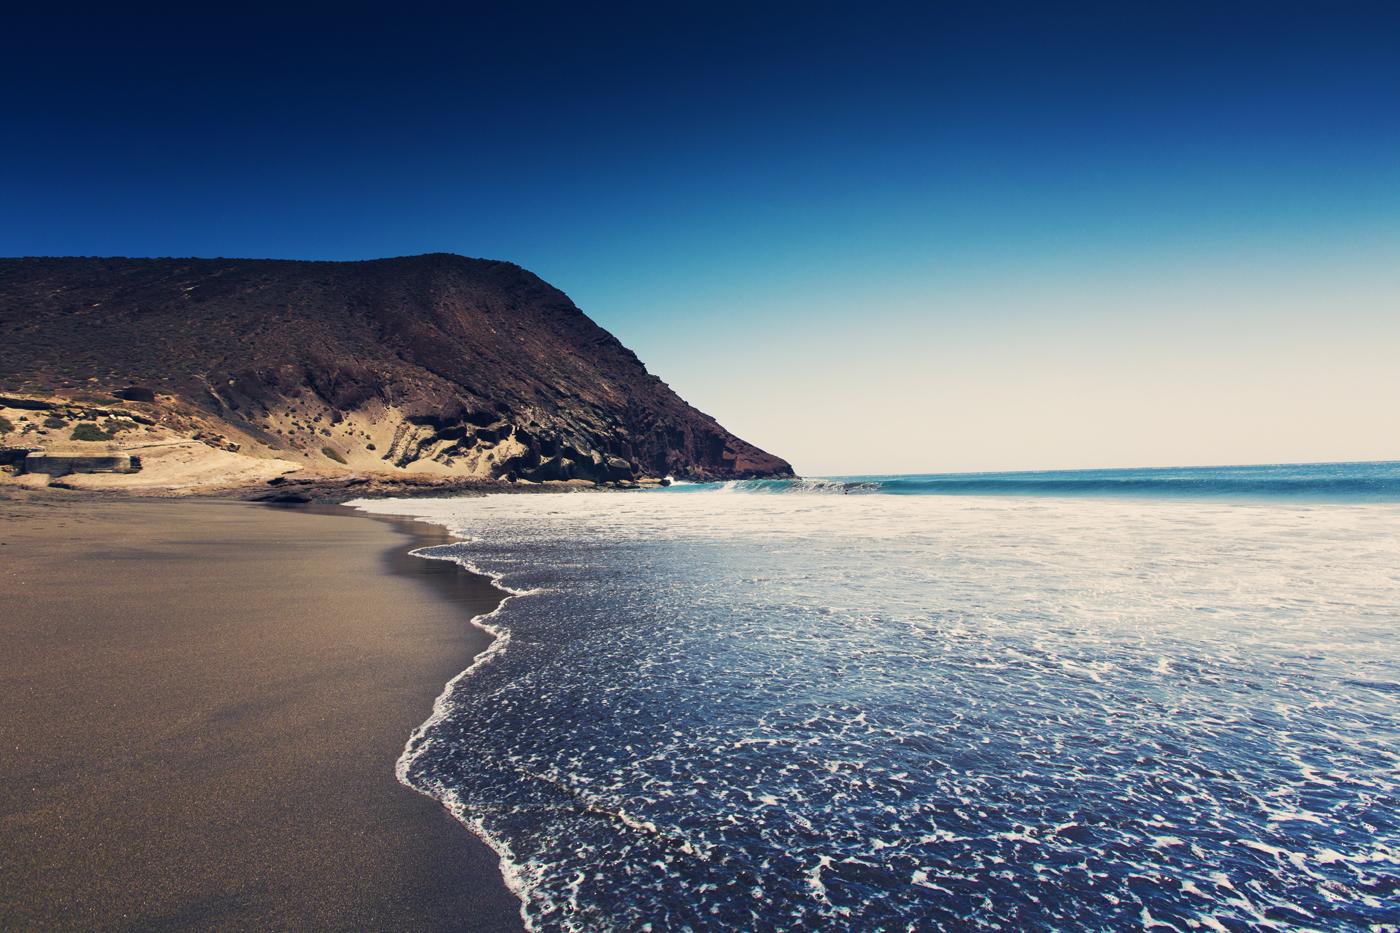 plyazh tehita krasnaya gora medano enjoy tenerife kanarskie ostrova